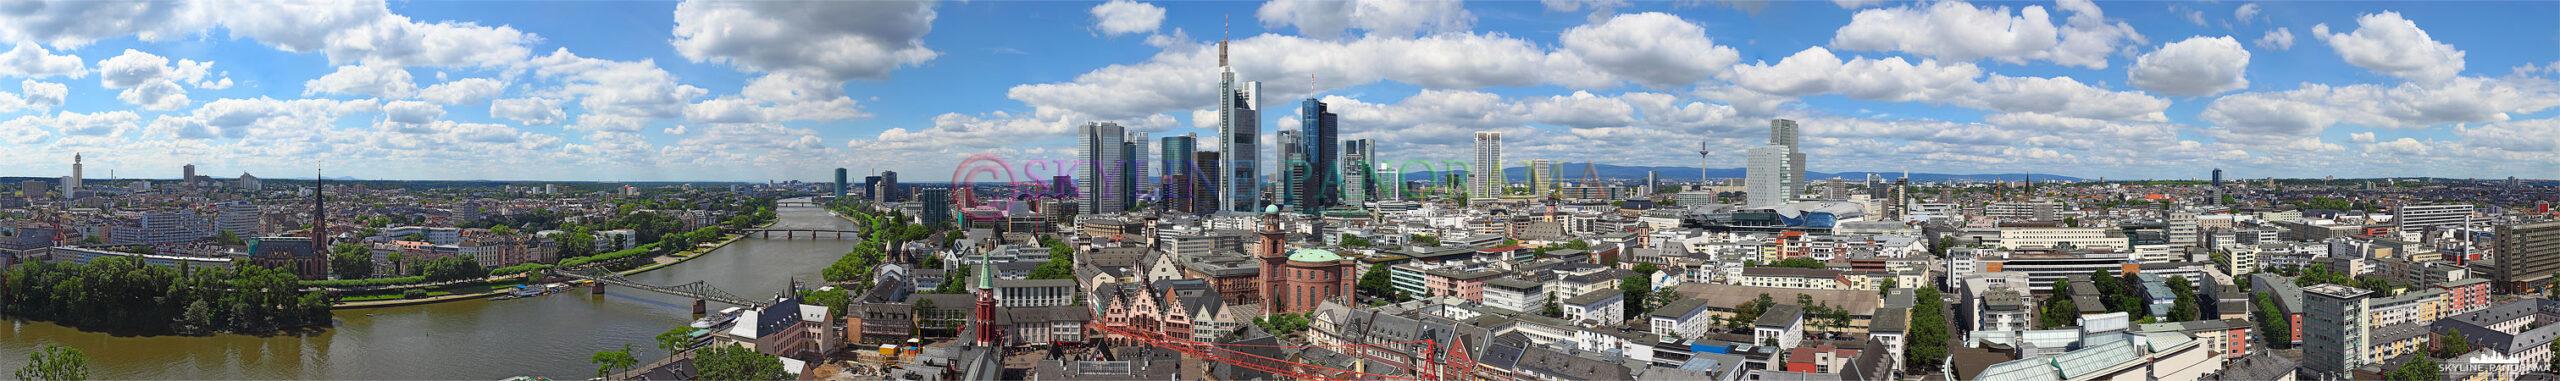 Skyline Frankfurt vom Domturm - Der Ausblick vom Frankfurter Kaiserdom auf die Skyline der Bankenstadt mit den bekannten Hochhaustürmen. Der Frankfurter Domturm bietet in 66 Meter Höhe eine unbeschreibliche Aussicht über die City der Mainmetropole – den Aufstieg zur Plattform hat man nach 328 Stufen Wendeltreppe erreicht.